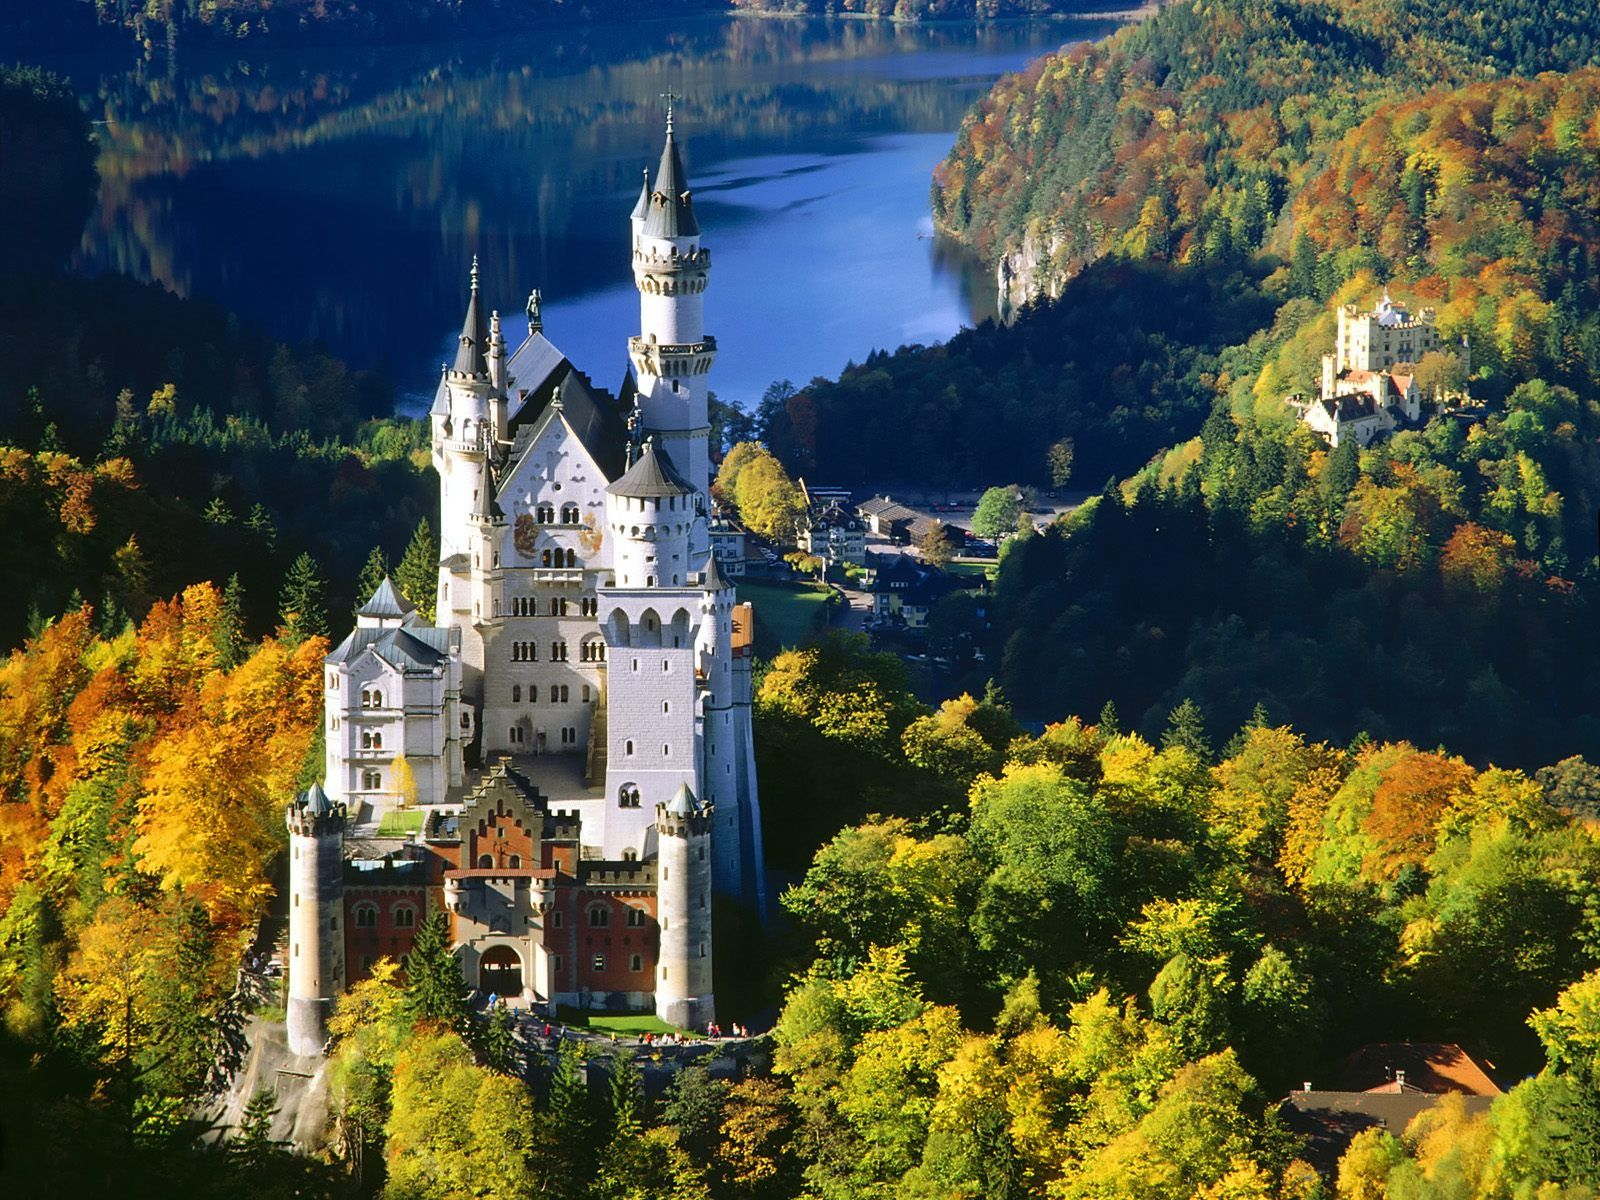 Germany- looks like a fairy tale